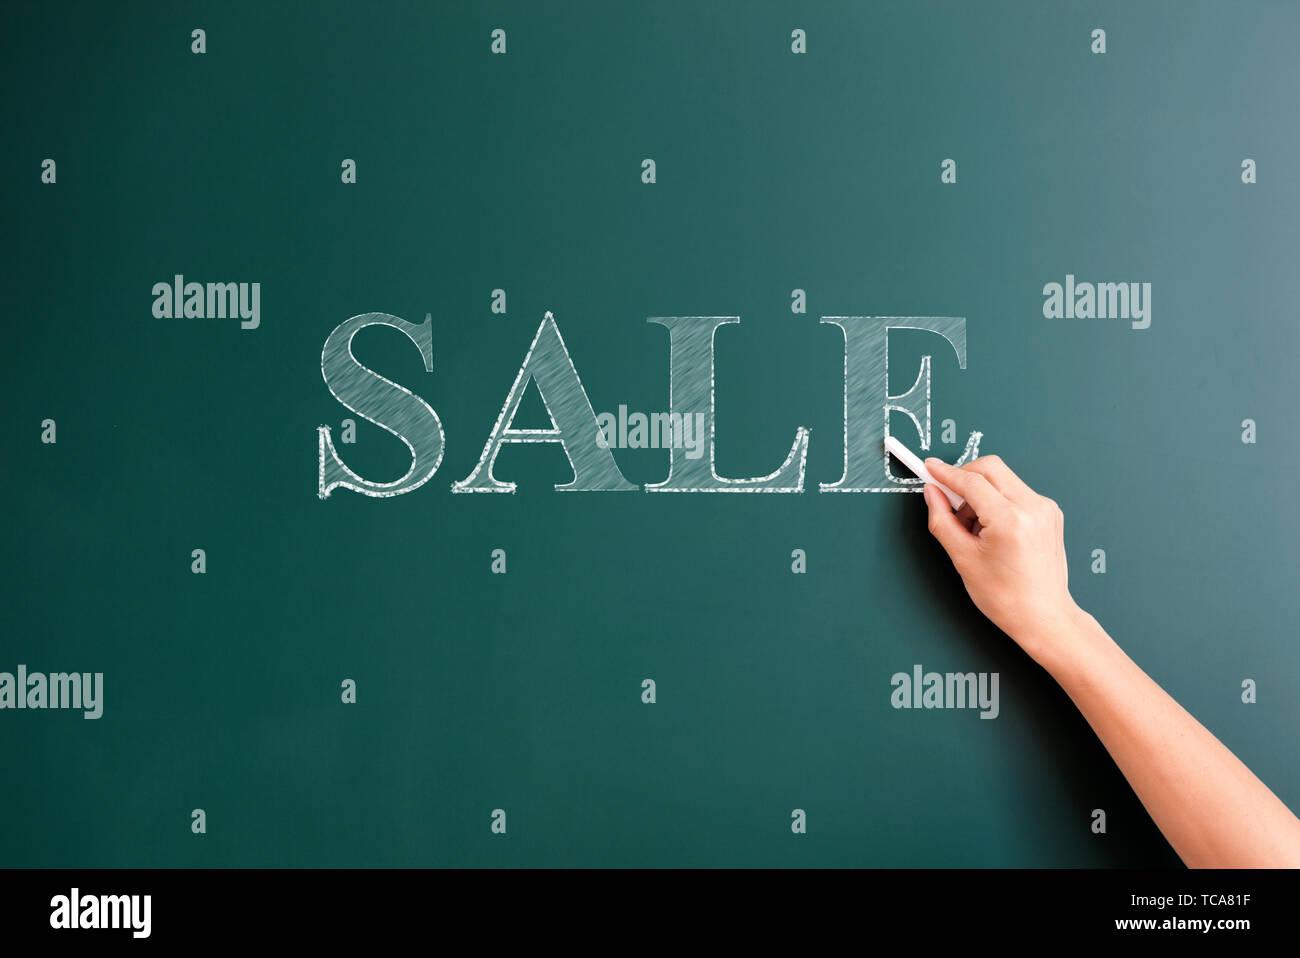 sale written on blackboard - Stock Image